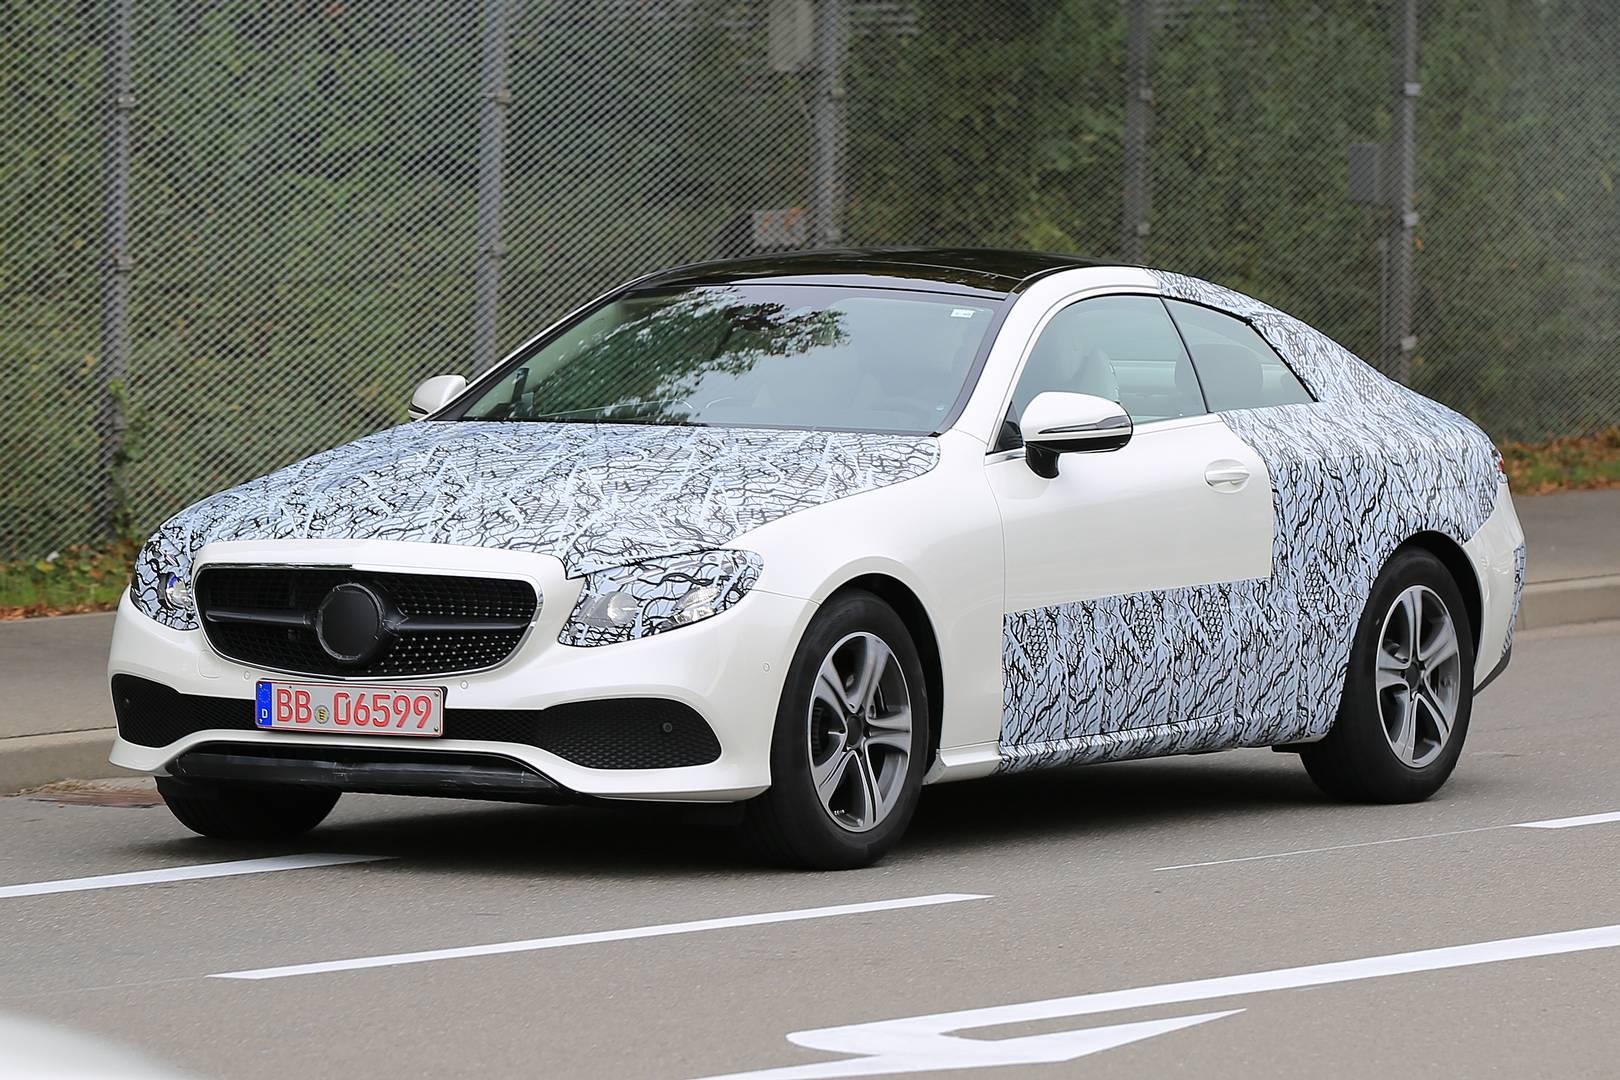 2018 Mercedes-Benz E-Class Coupé Spy Shots